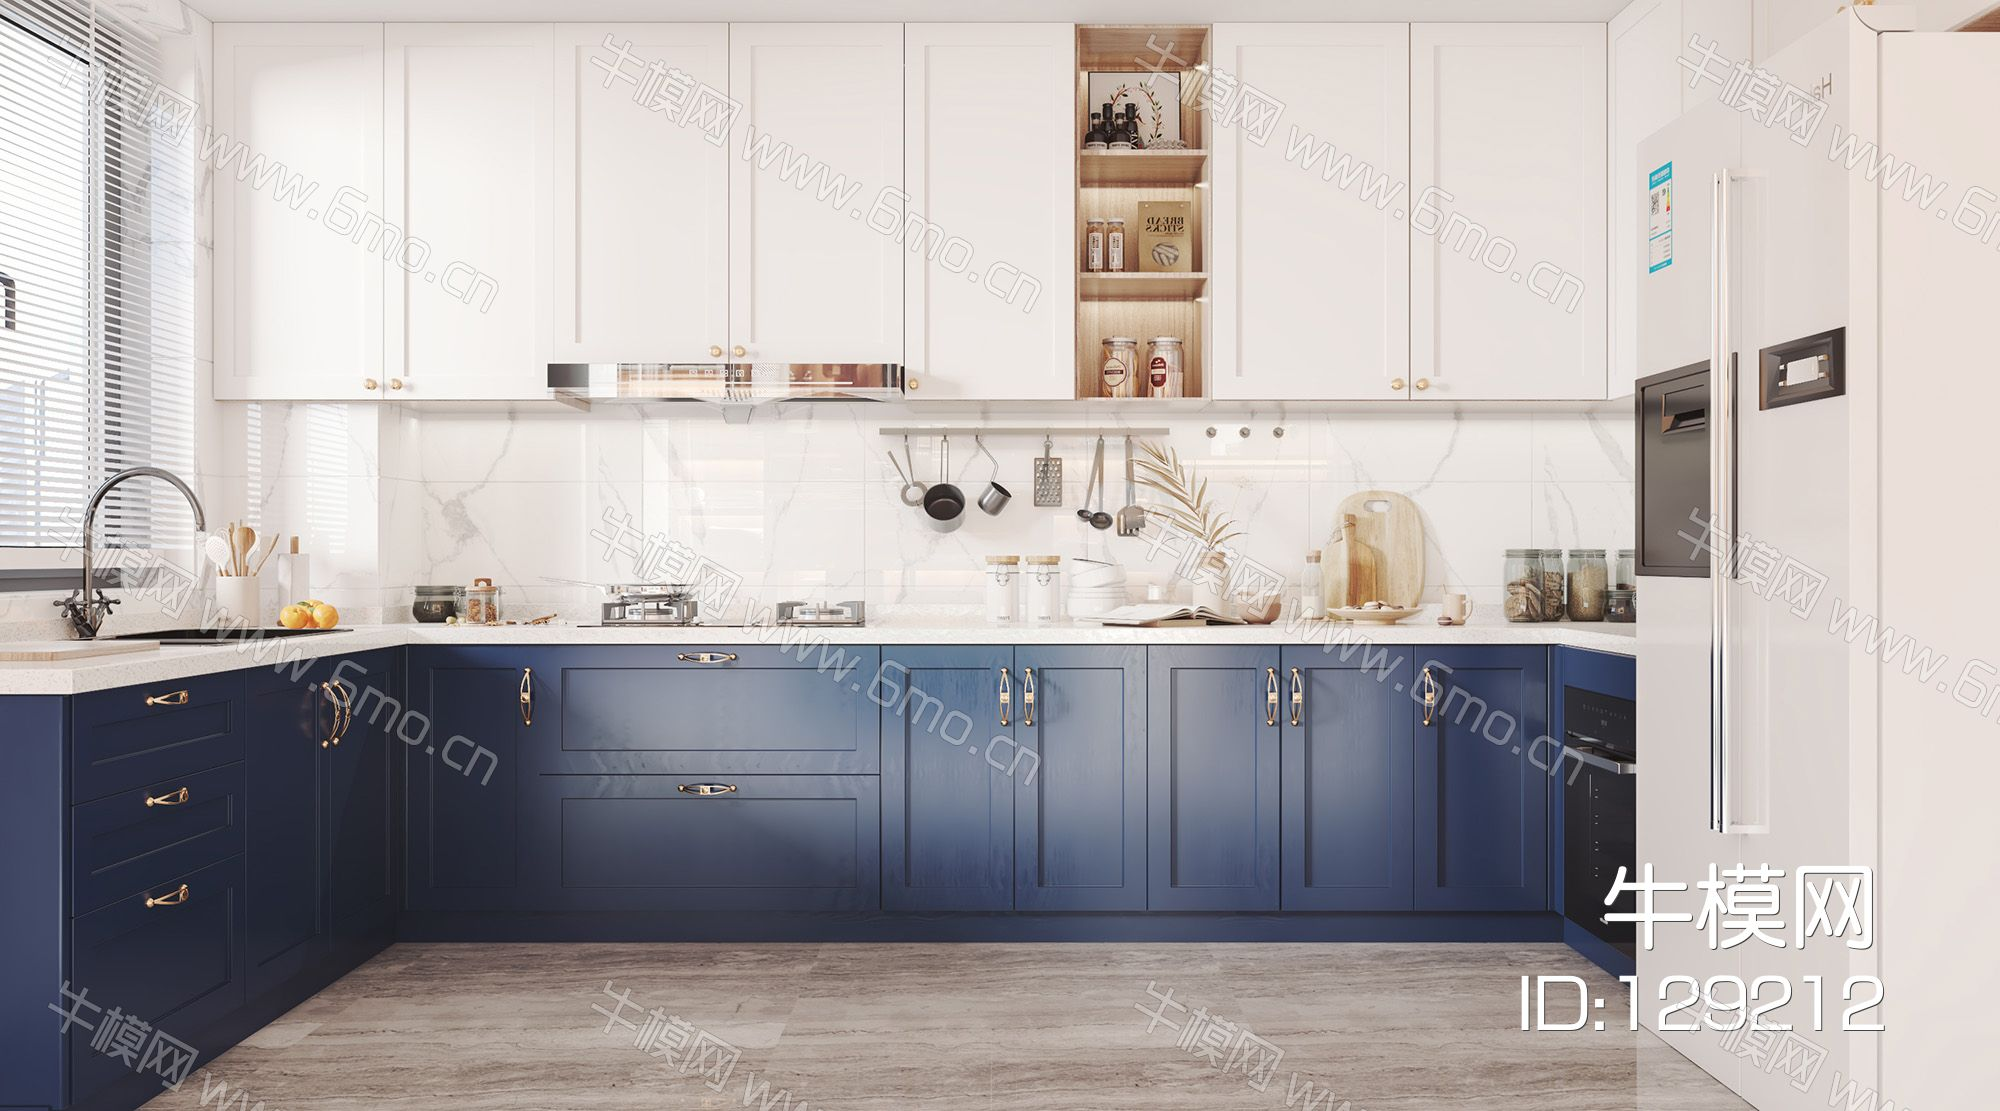 北欧开放式厨房 带橱柜厨具嵌入式冰箱